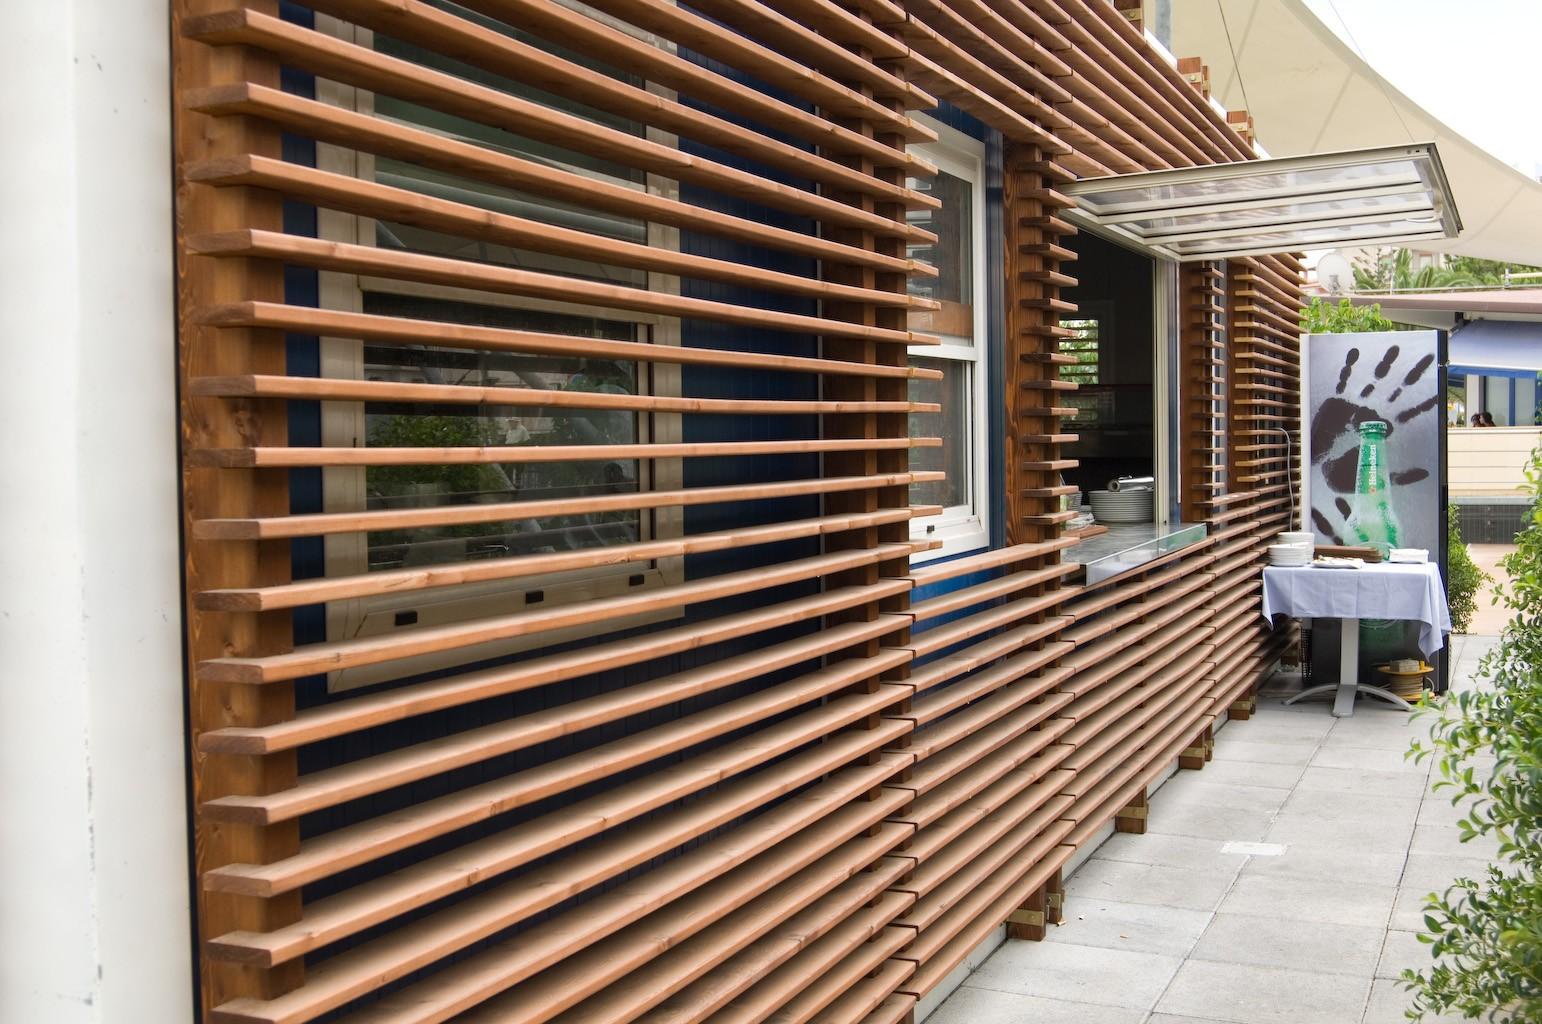 Rivestimento In Legno Per Facciate : Rivestimento in legno per facciate: facciate esterne. rivestimento